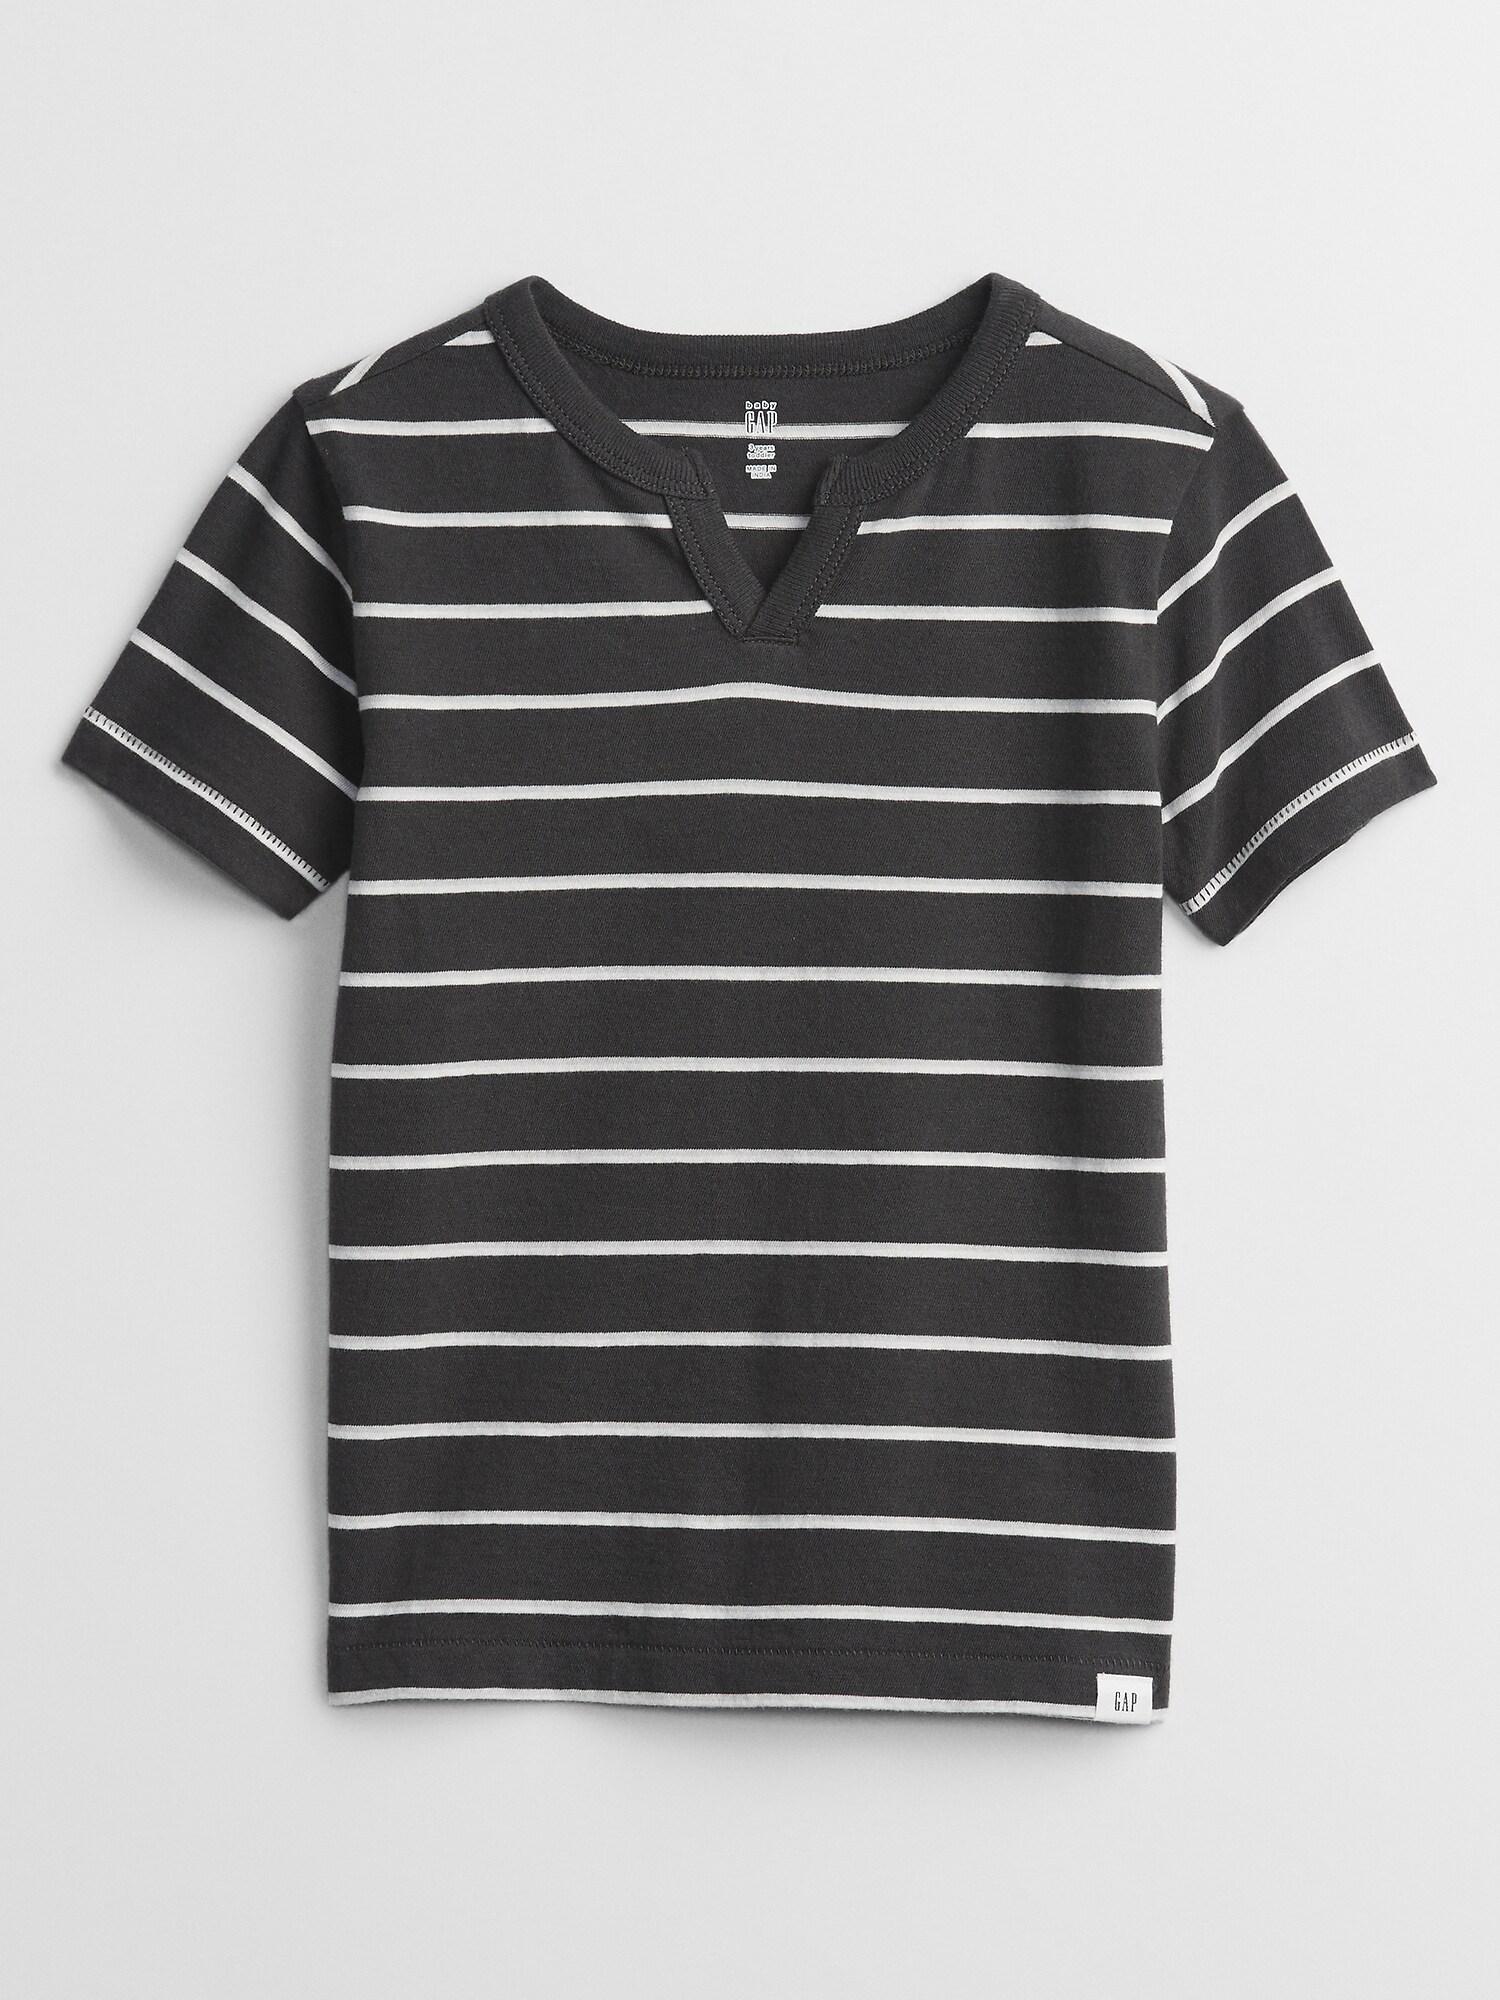 GAP Maglietta bambino nero